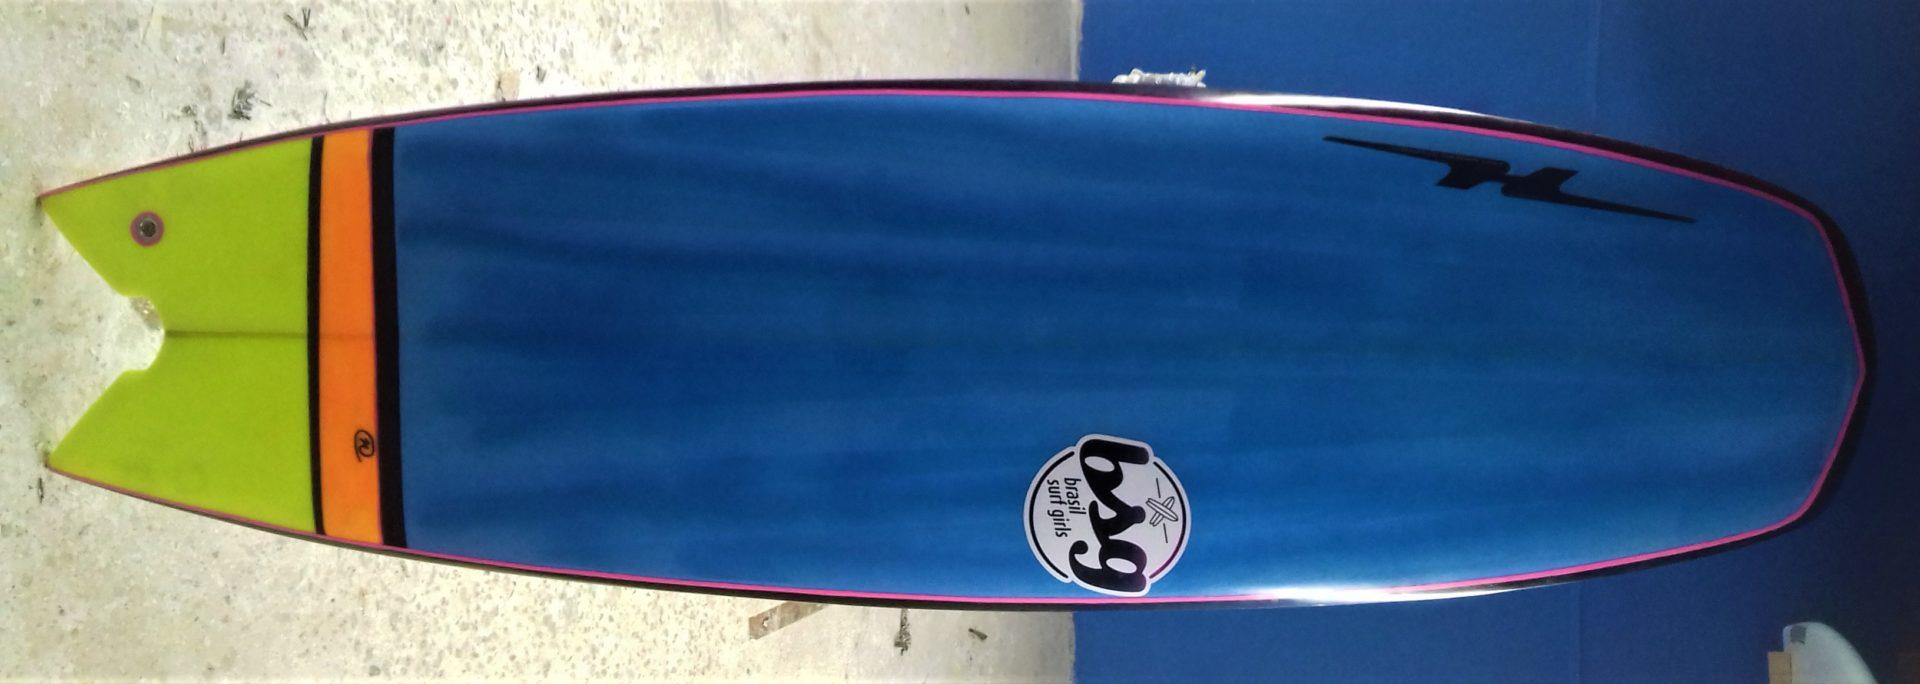 fish skate surf